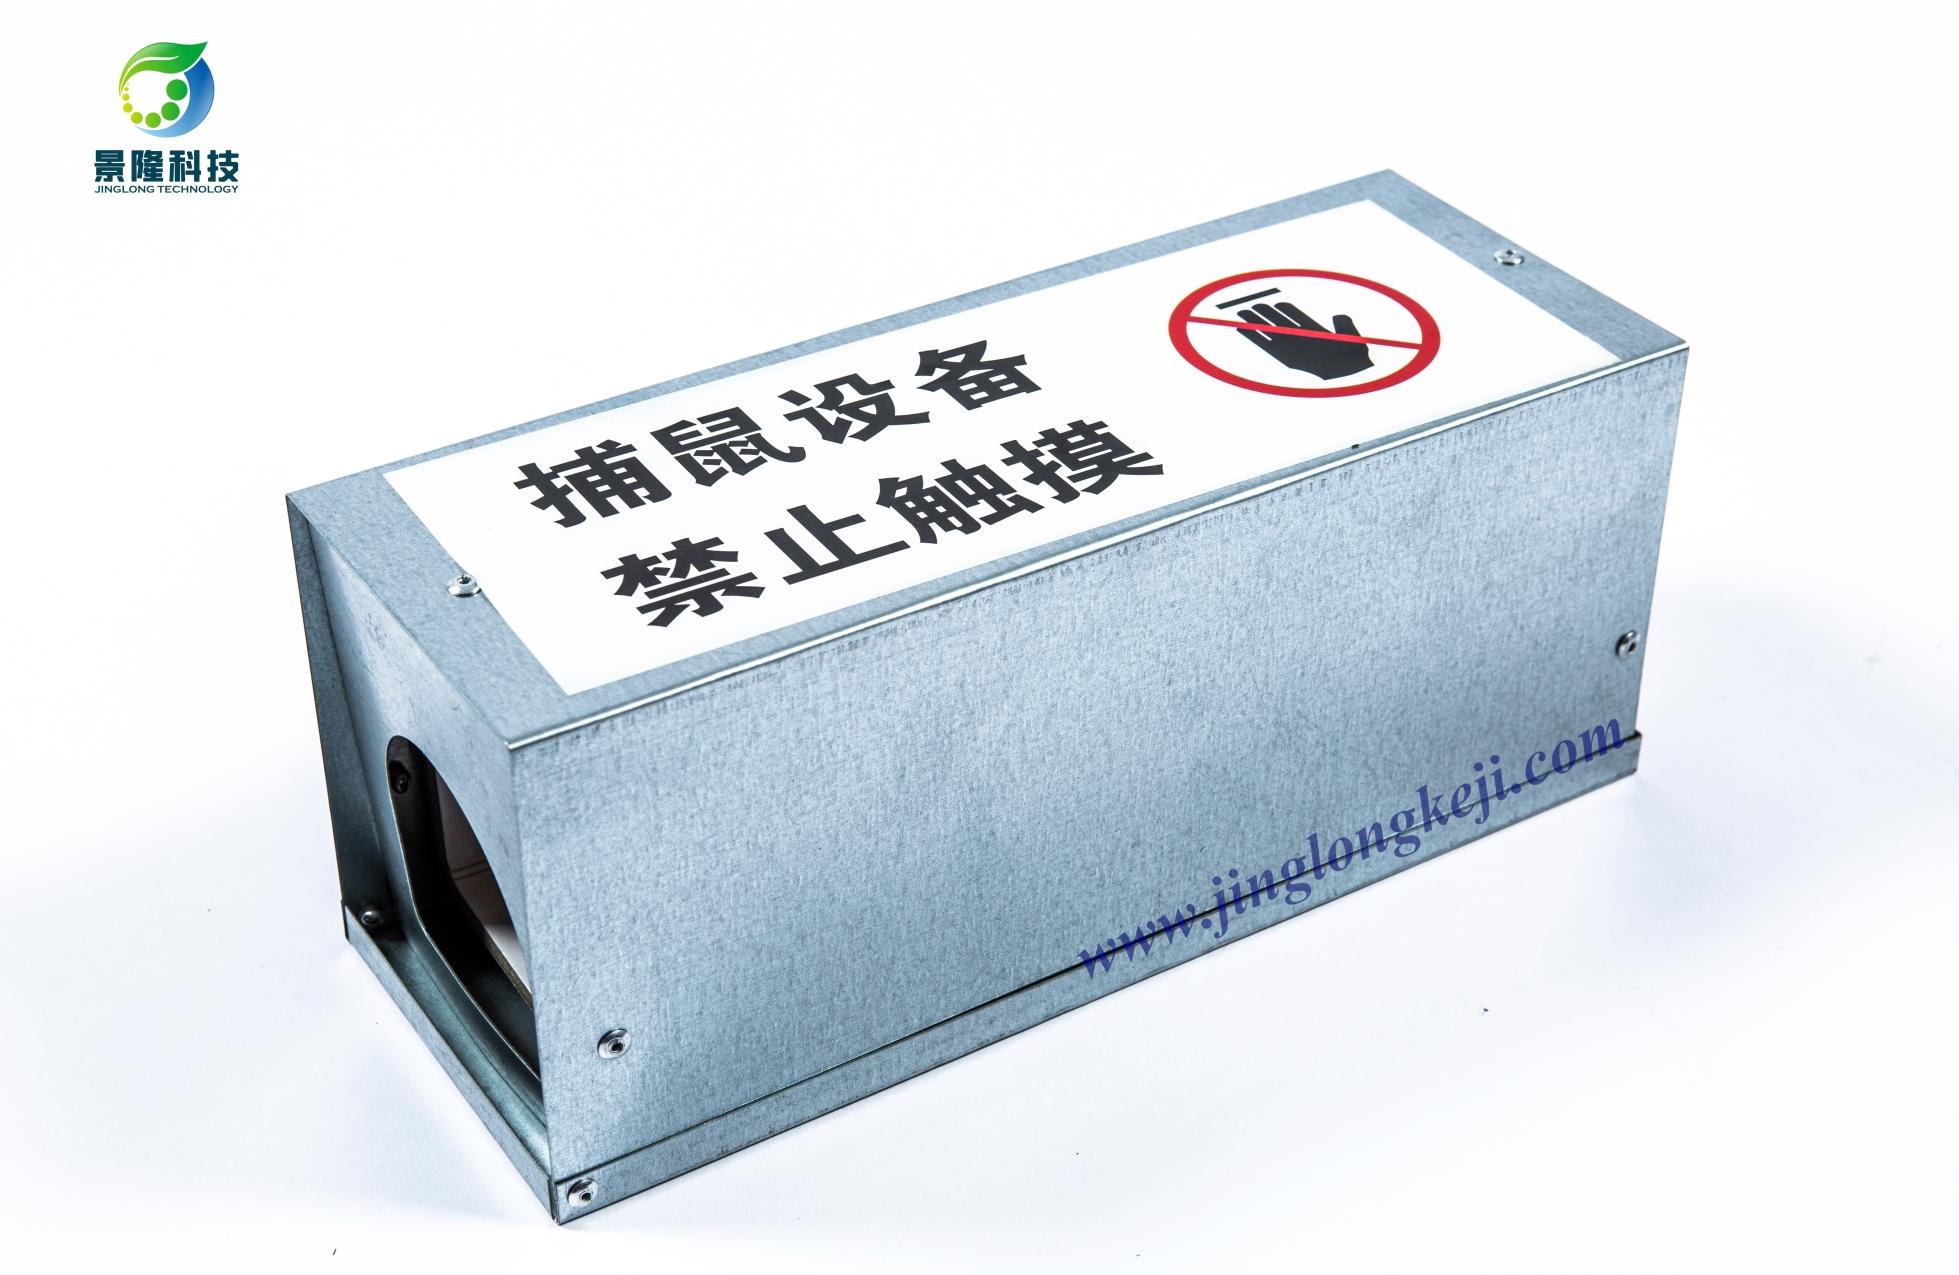 景隆JL-3004B单孔粘鼠板防尘罩 工厂防尘捕鼠盒